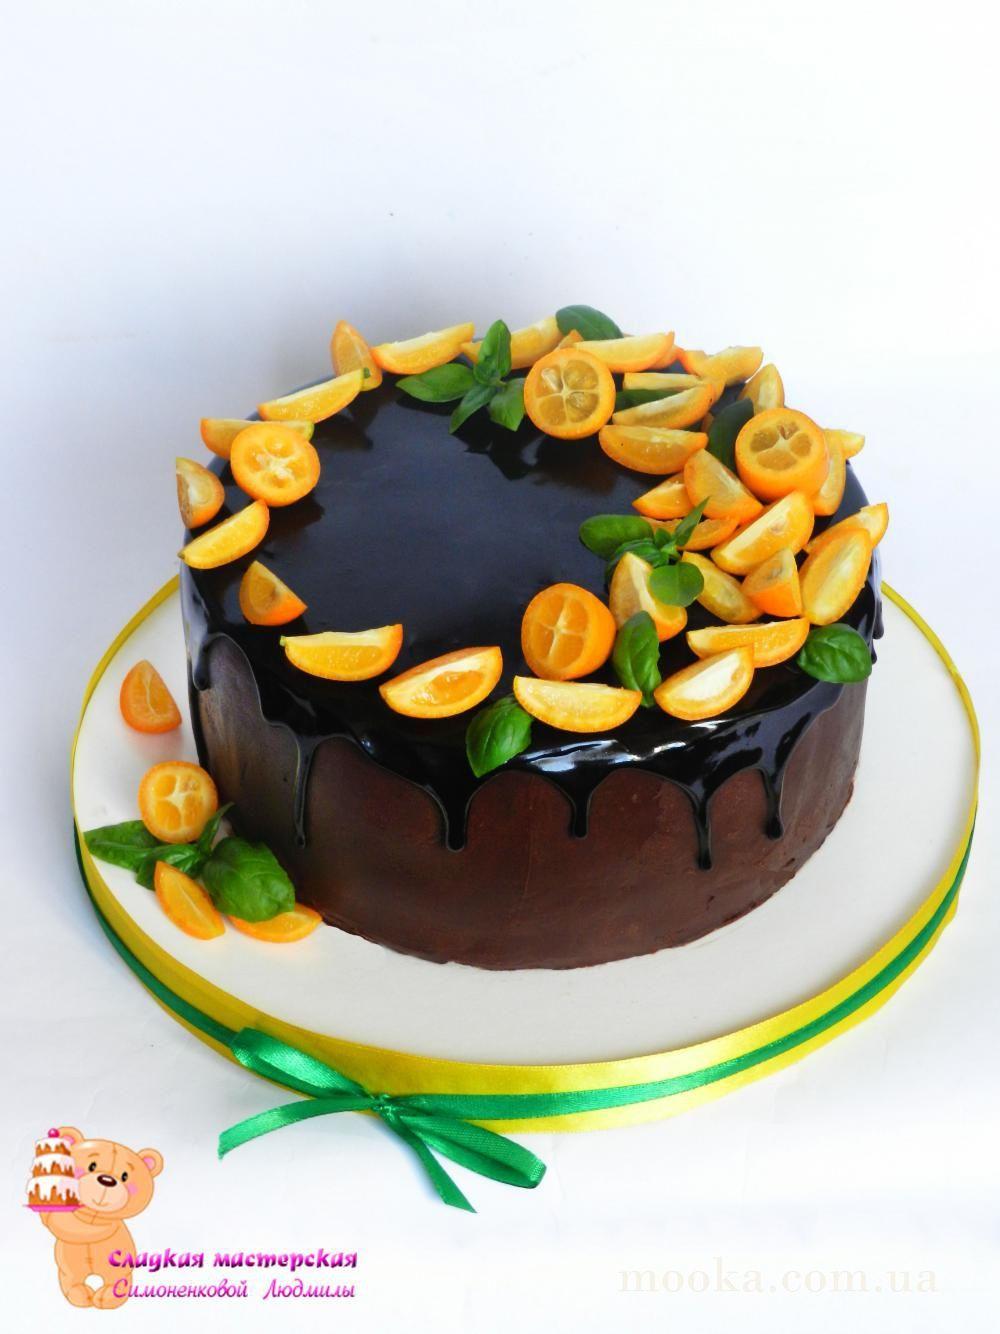 как украсить шоколадный торт голубикой: 20 тыс изображений ...